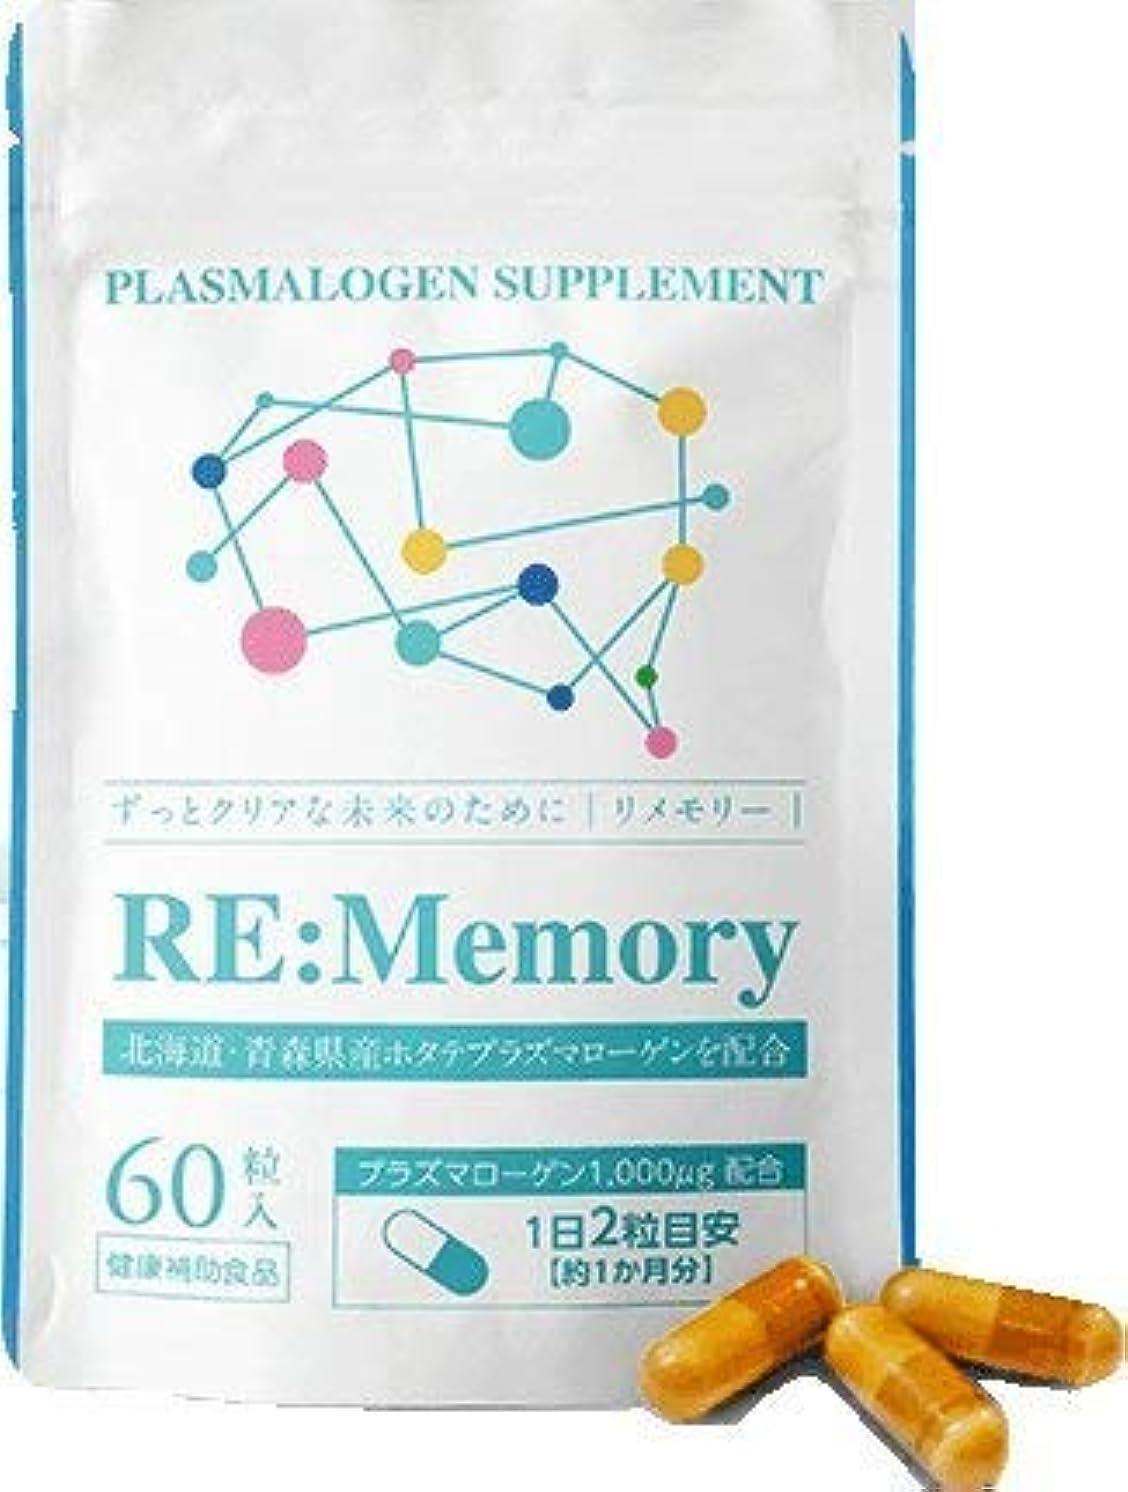 マトリックス家庭教師救いリメモリー プラズマローゲン 自然良品 サプリ 国産ホタテ由来 DHA EPA フェルラ酸 60粒 30日分